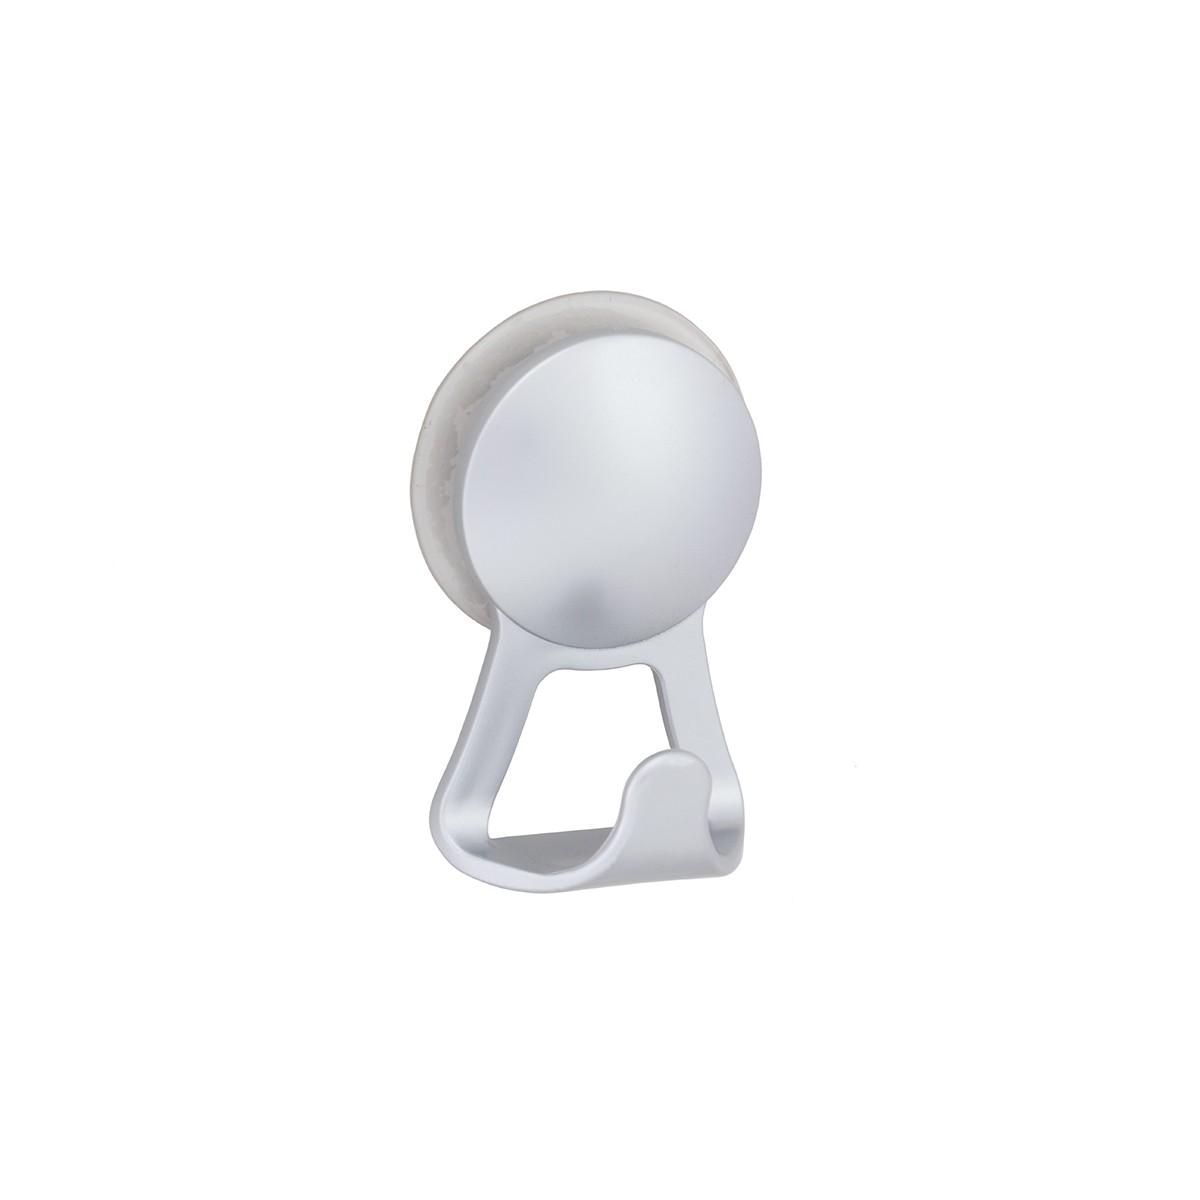 Κρεμαστράκι Spirella Tommy 05262 Silver